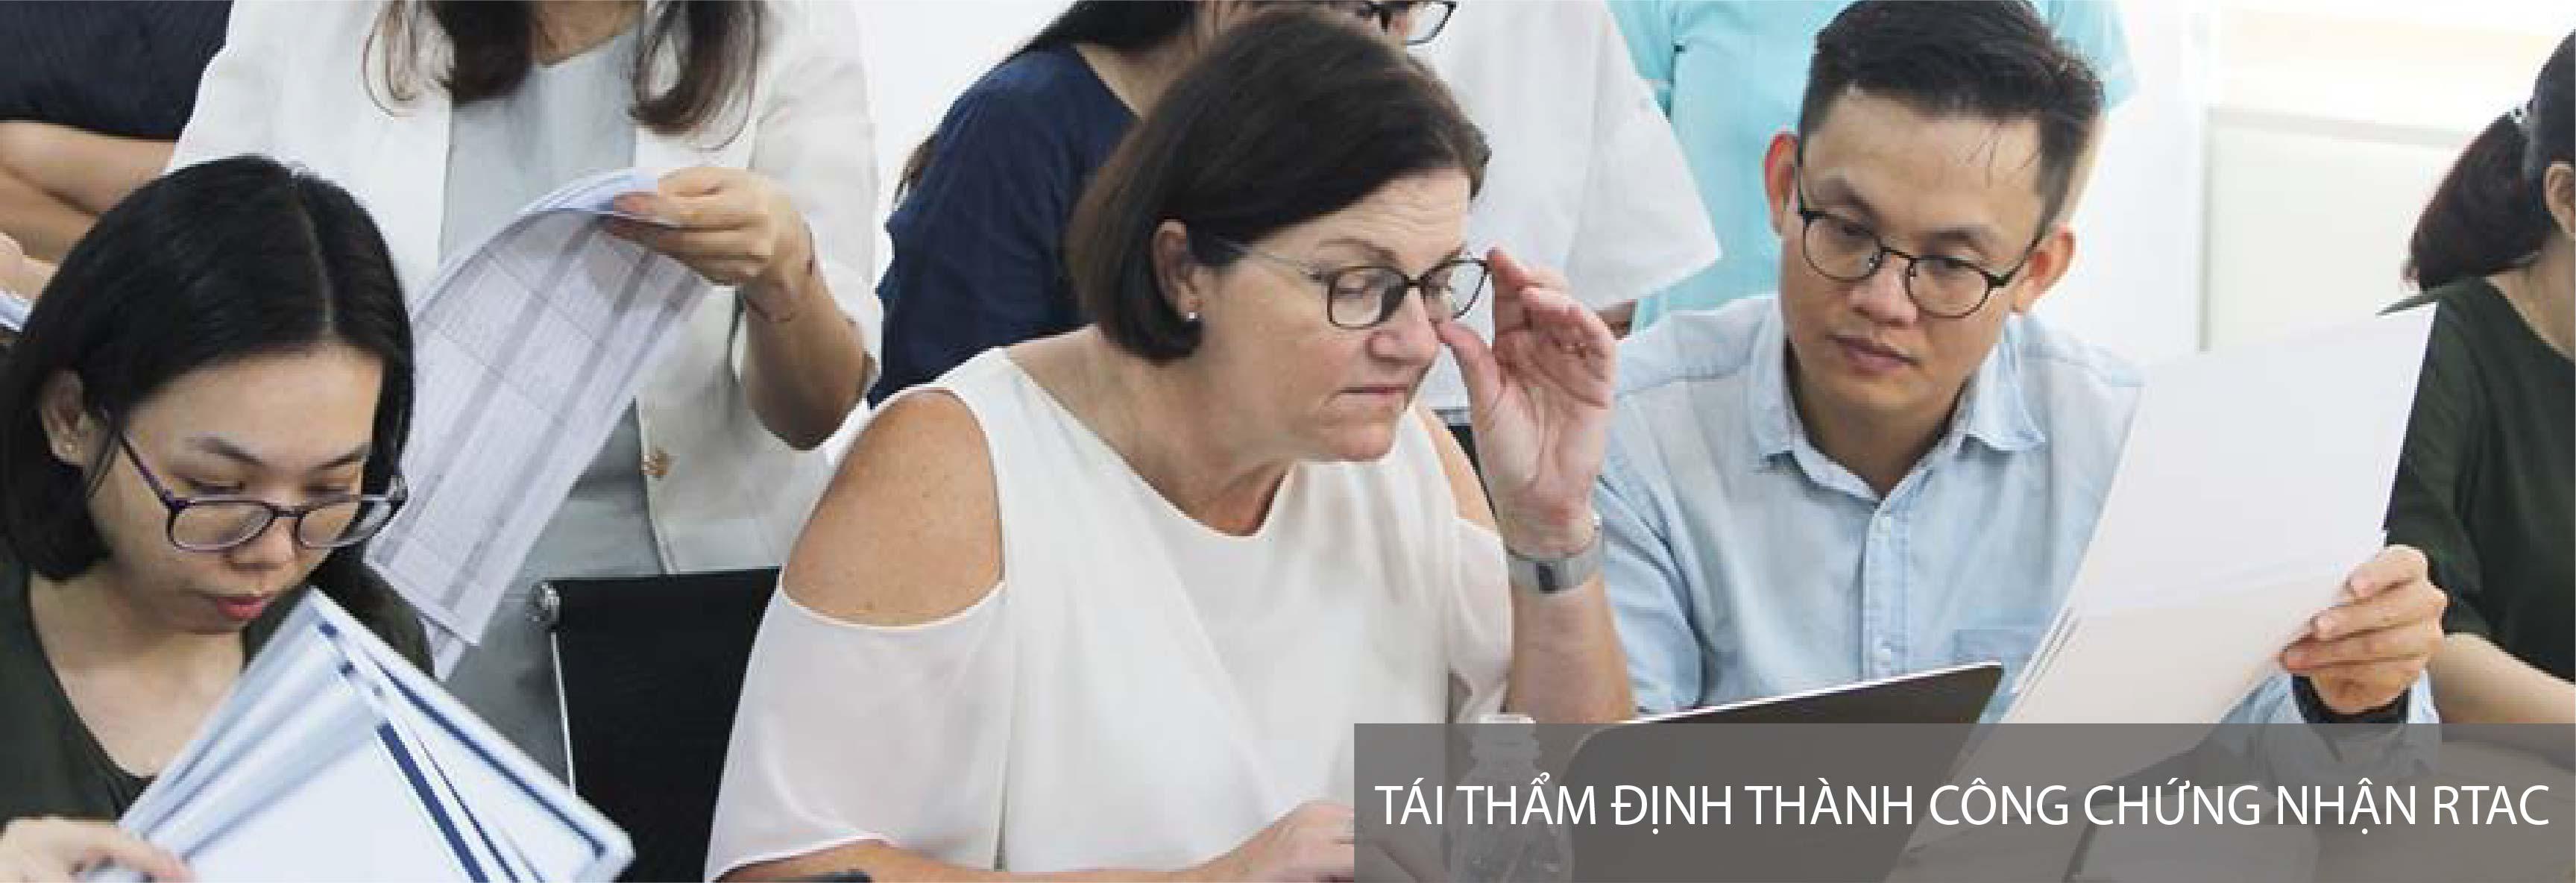 hinh hoat dong 2019-04